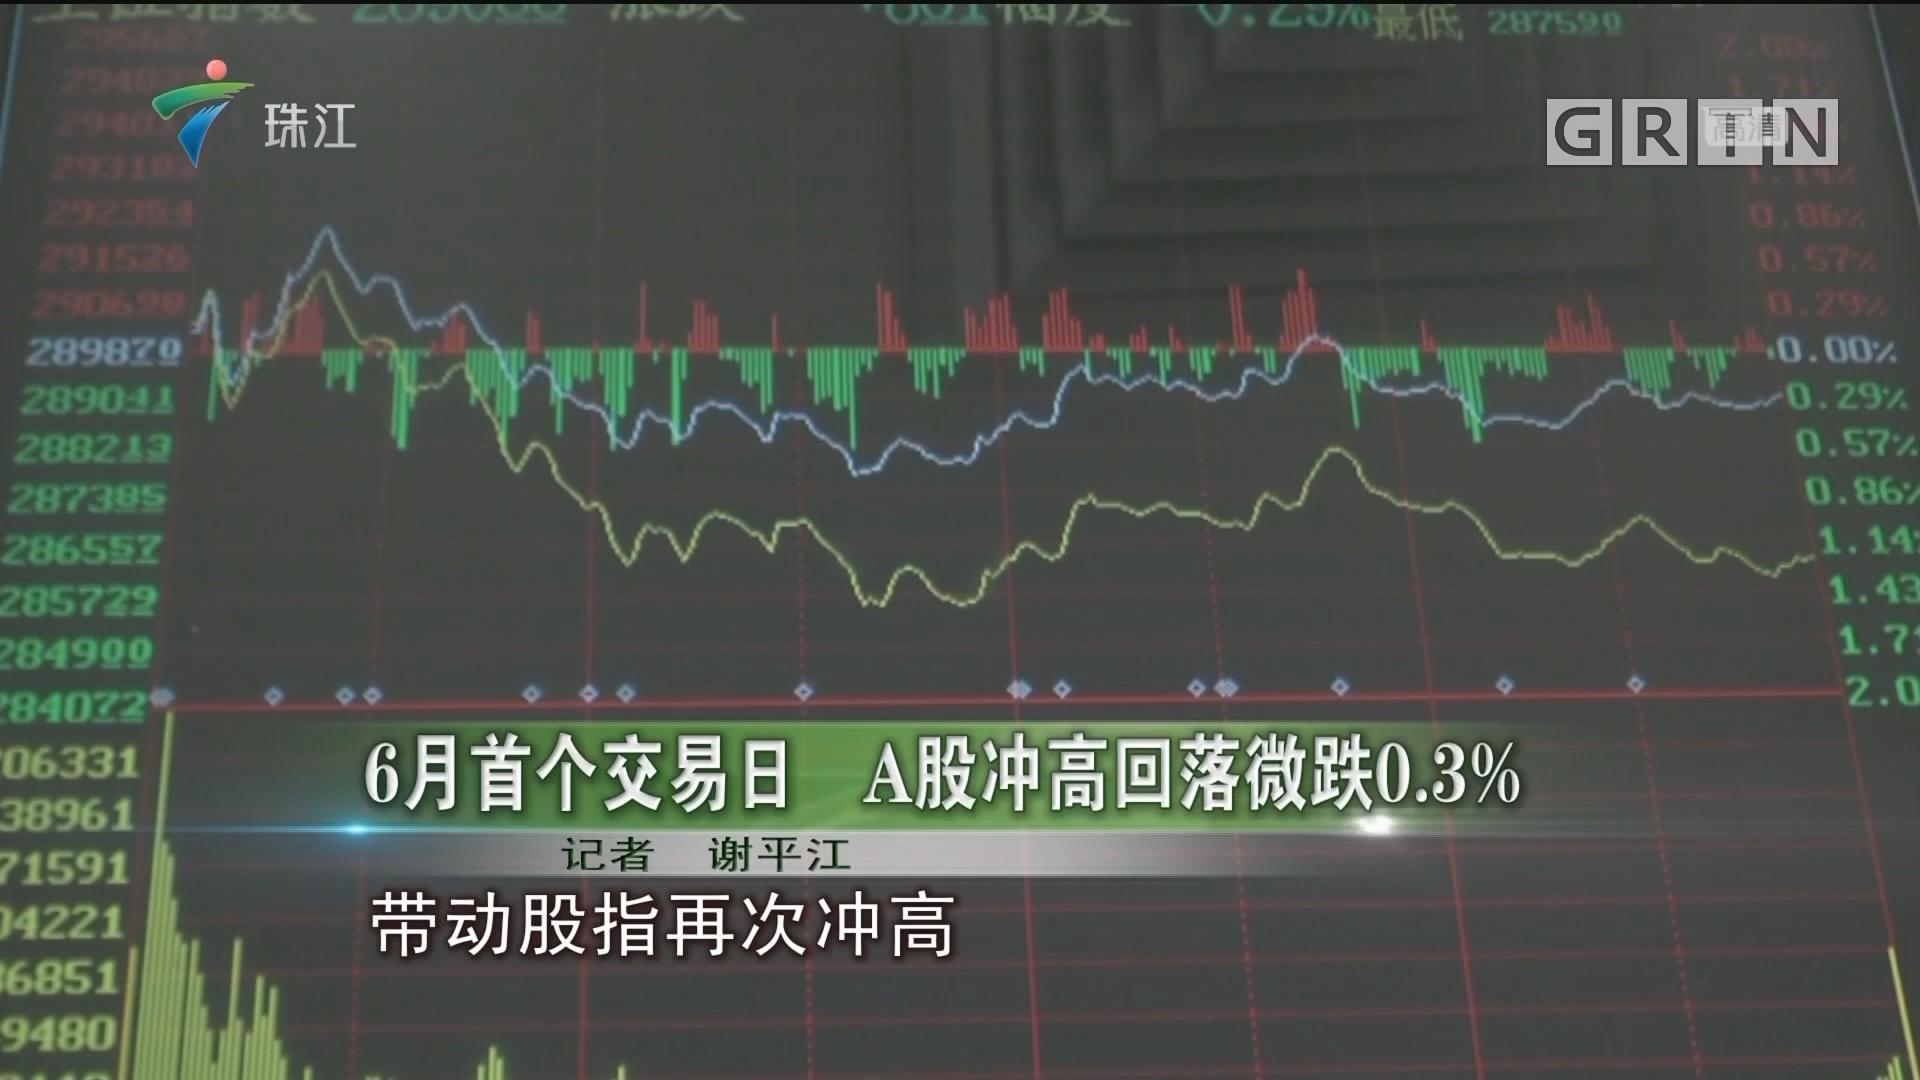 6月首个交易日 A股冲高回落微跌0.3%